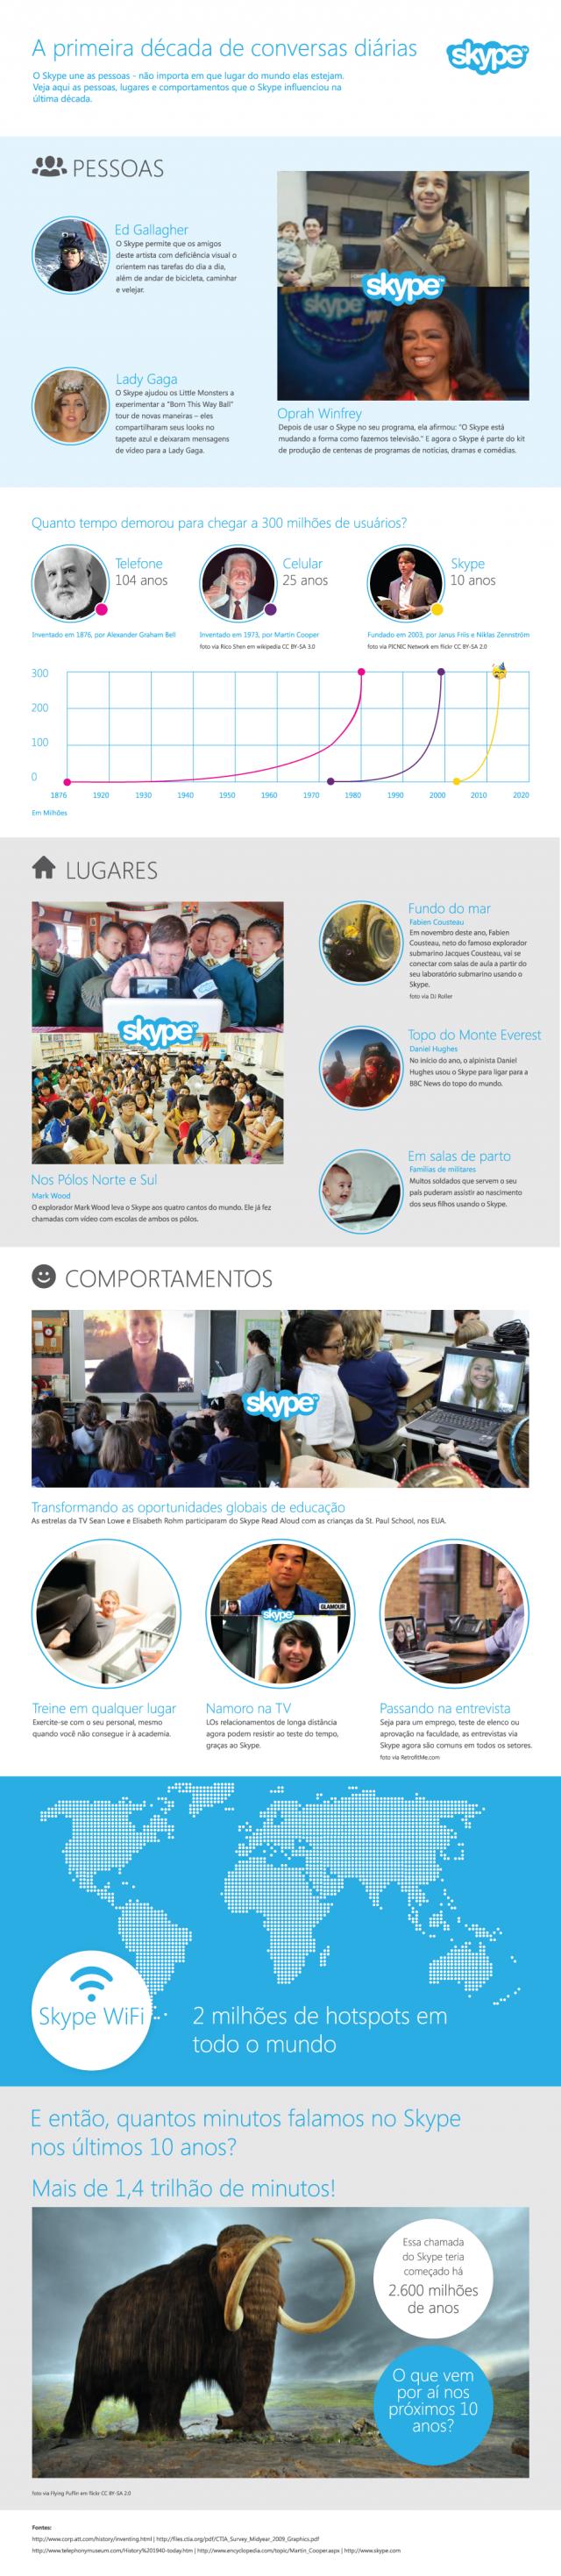 10 anos de Skype.